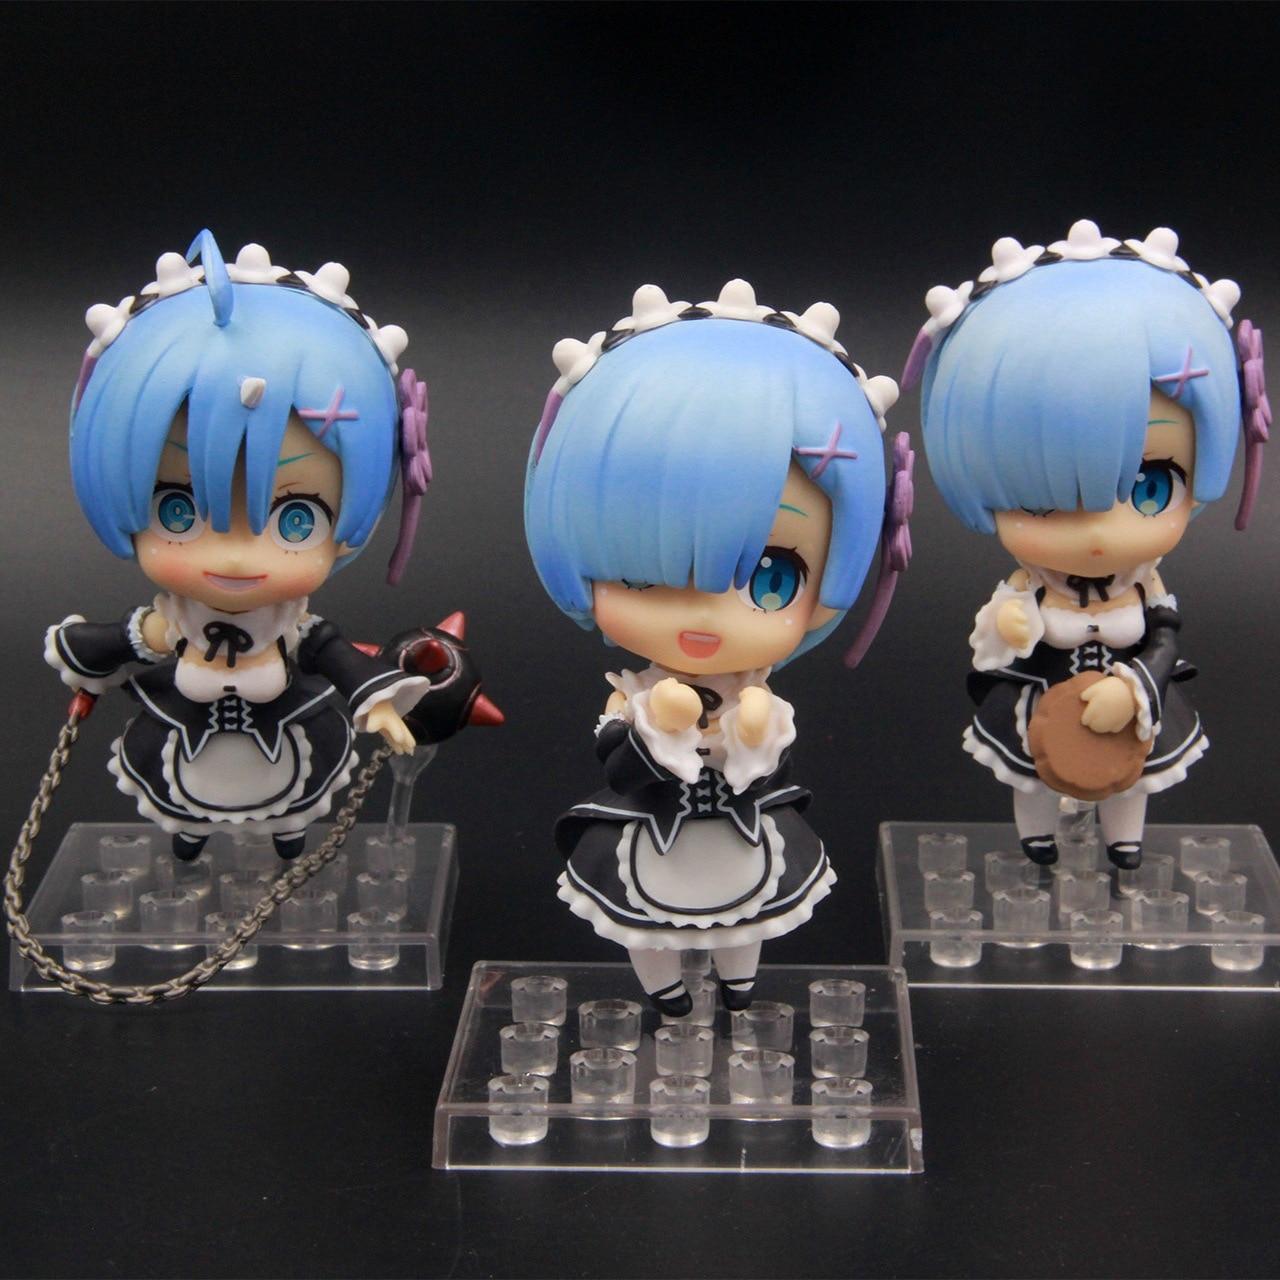 3pcs/lot Cute 3pcs Re: Zero kara Hajimeru Isekai Seikatsu Rem 3pcs Set Boxed 10cm PVC Action Figure Collection Model Doll 30#12 re life in a different world from zero model decoration 20cm rem and lahm swimsuit action figures